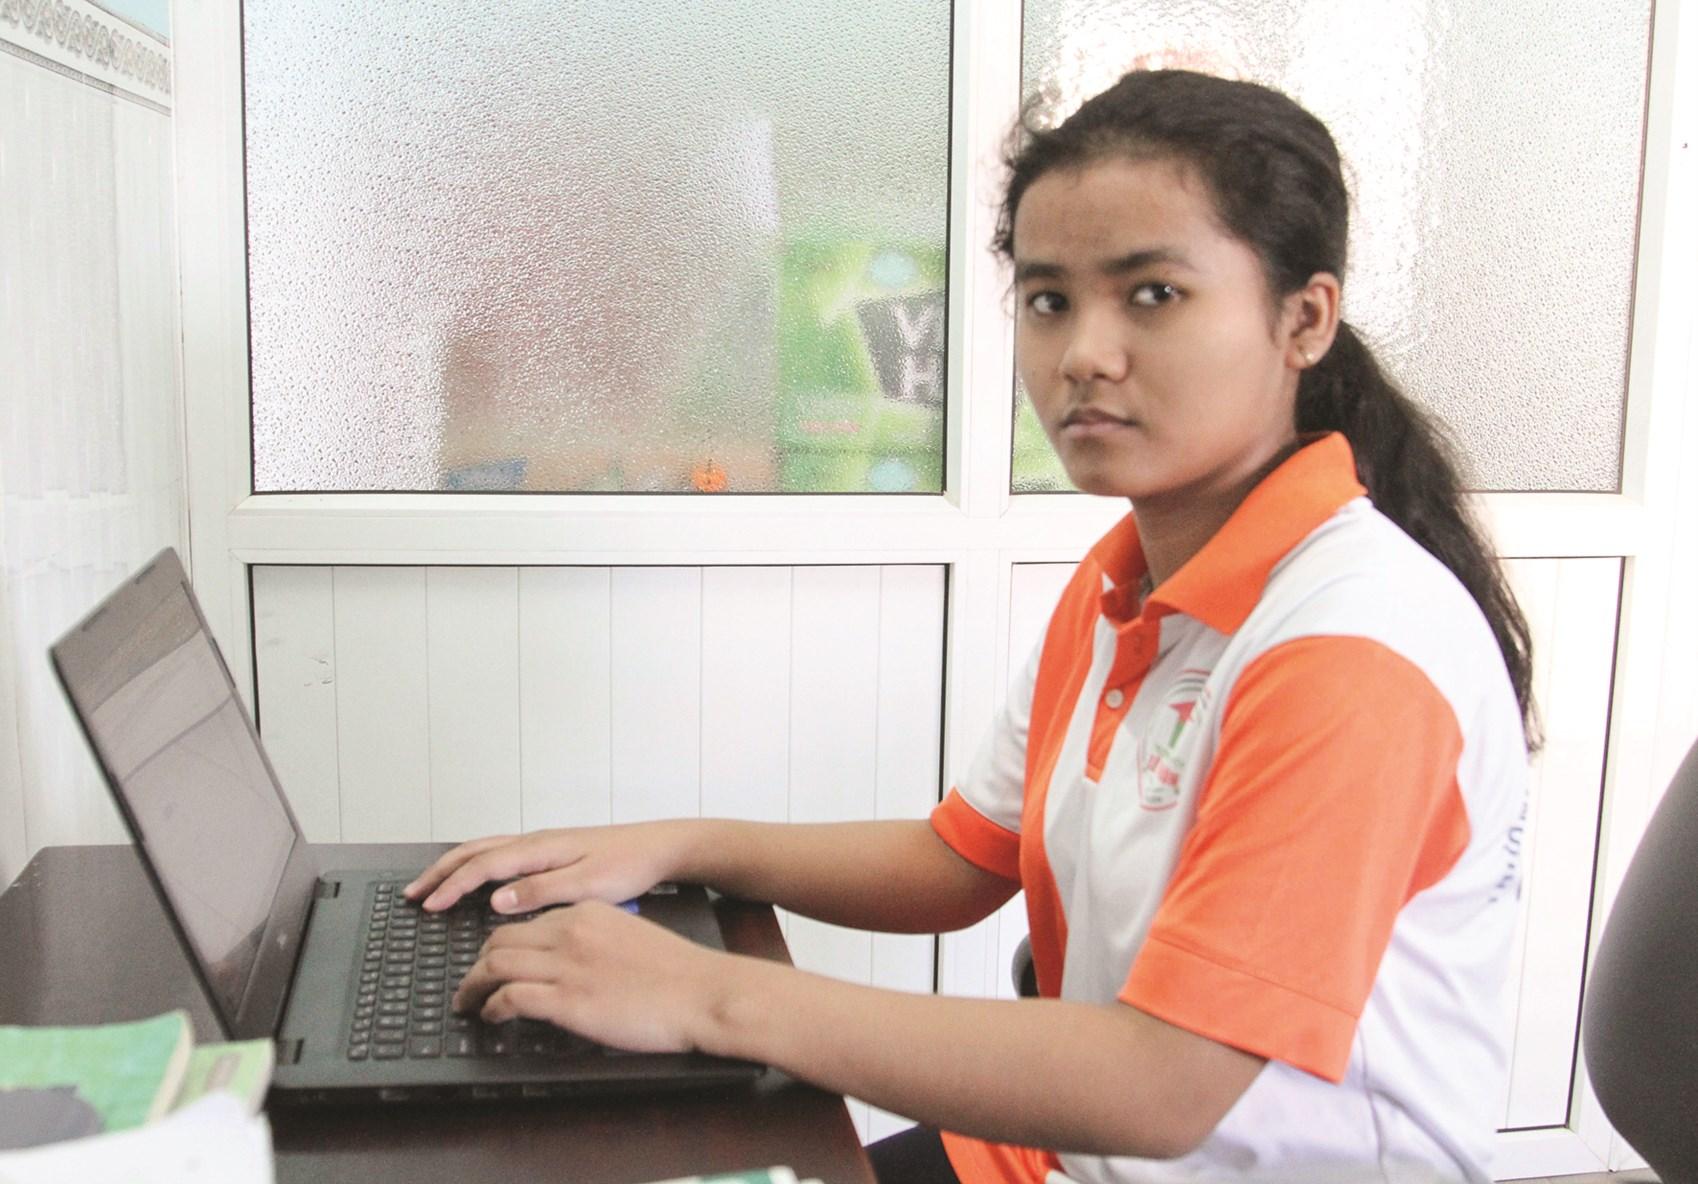 Em Trương Thanh Minh dân tộc Chăm, học sinh xuất sắc tiêu biểu của Trường THPT Chuyên Lê Quý Đôn (Ninh Thuận)